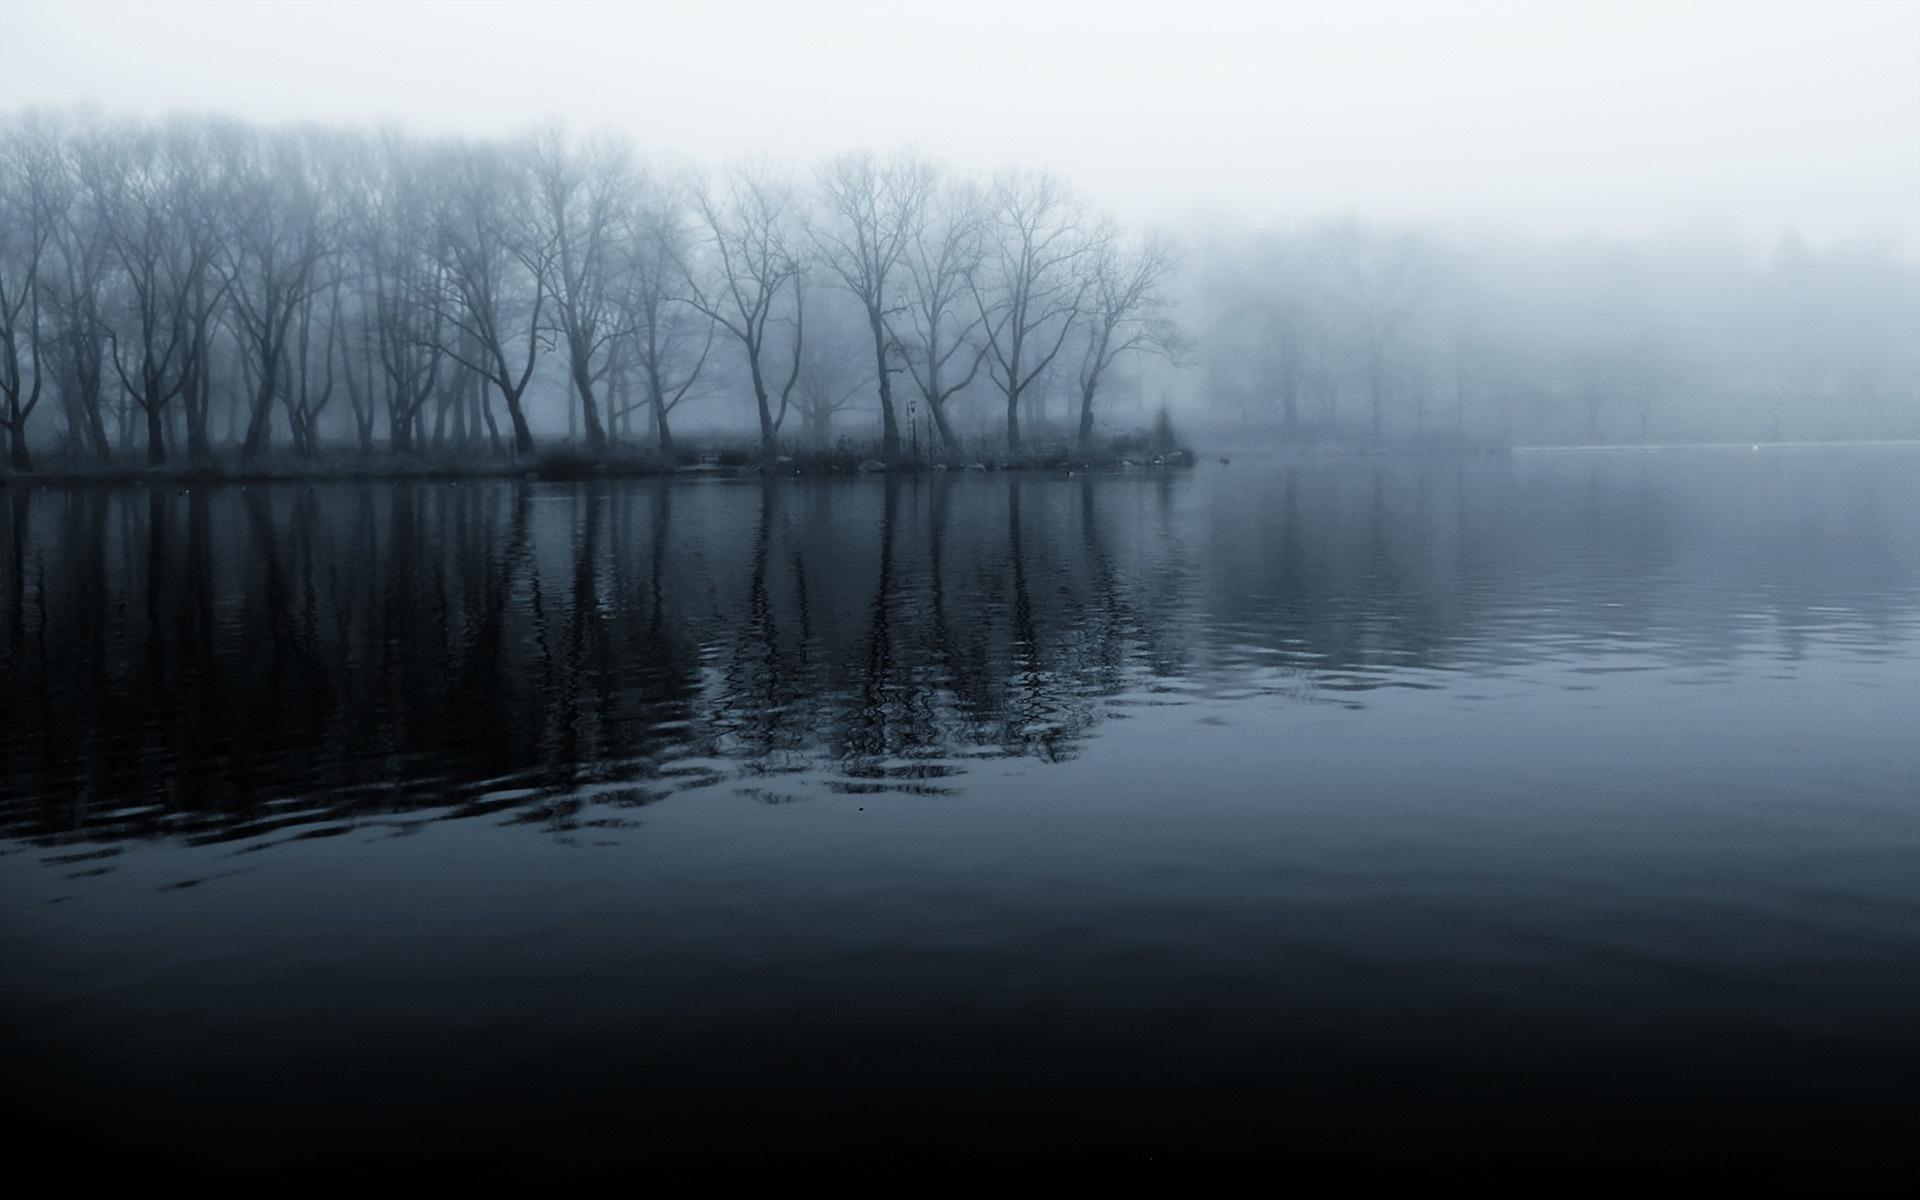 озеро туман обои на рабочий стол № 381728 загрузить